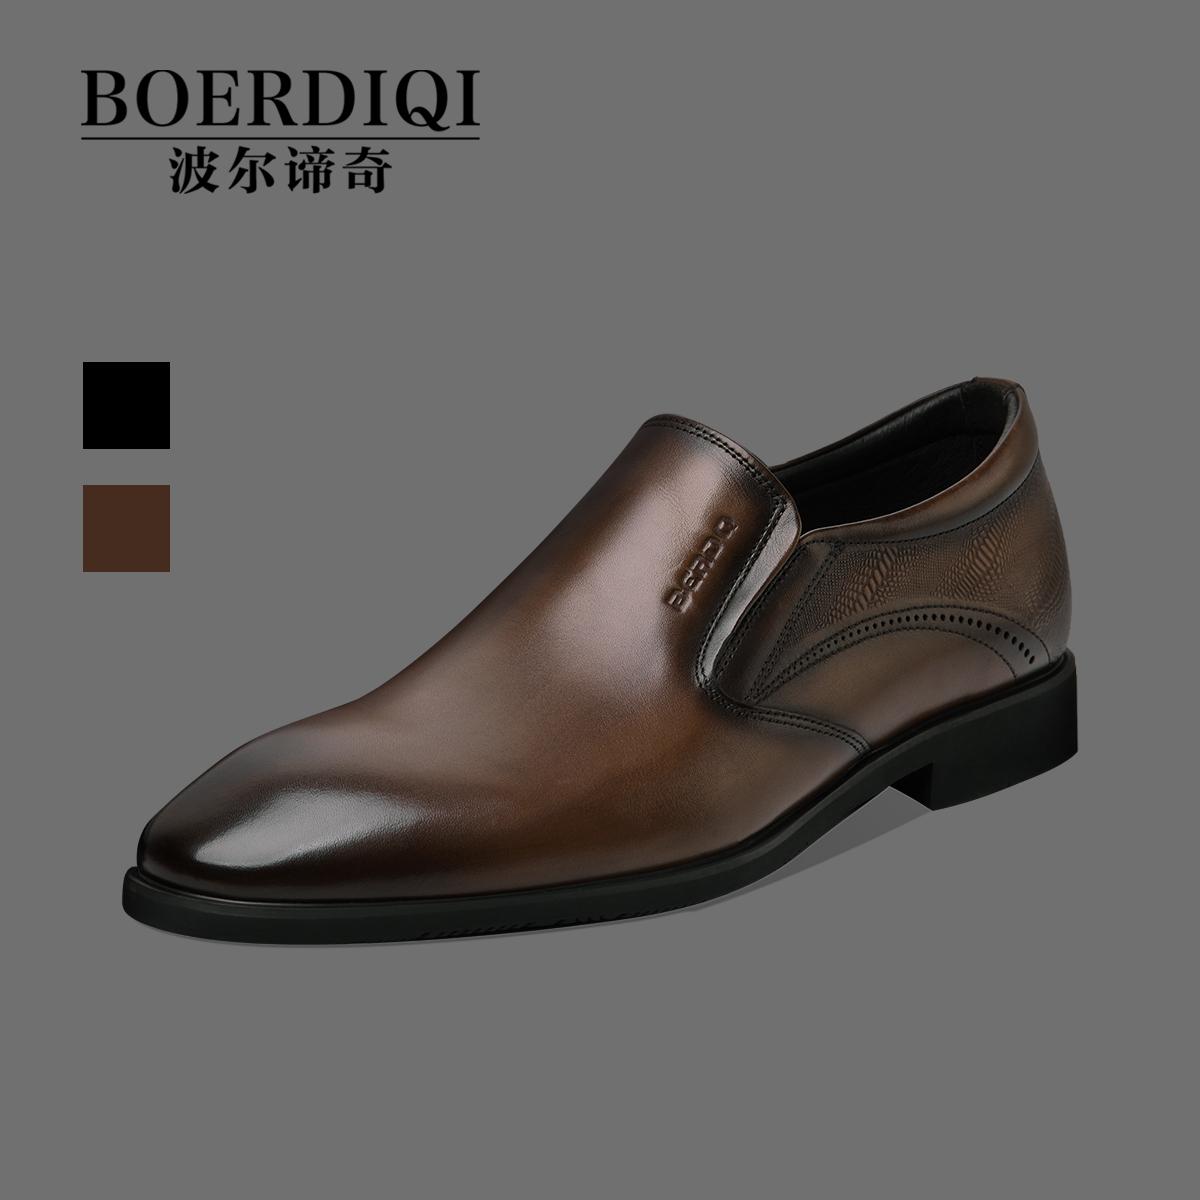 イギリス風の本革の男性靴は復古しています。手作りファッションでカジュアルビジネススーツに靴と靴の社交靴を履いています。